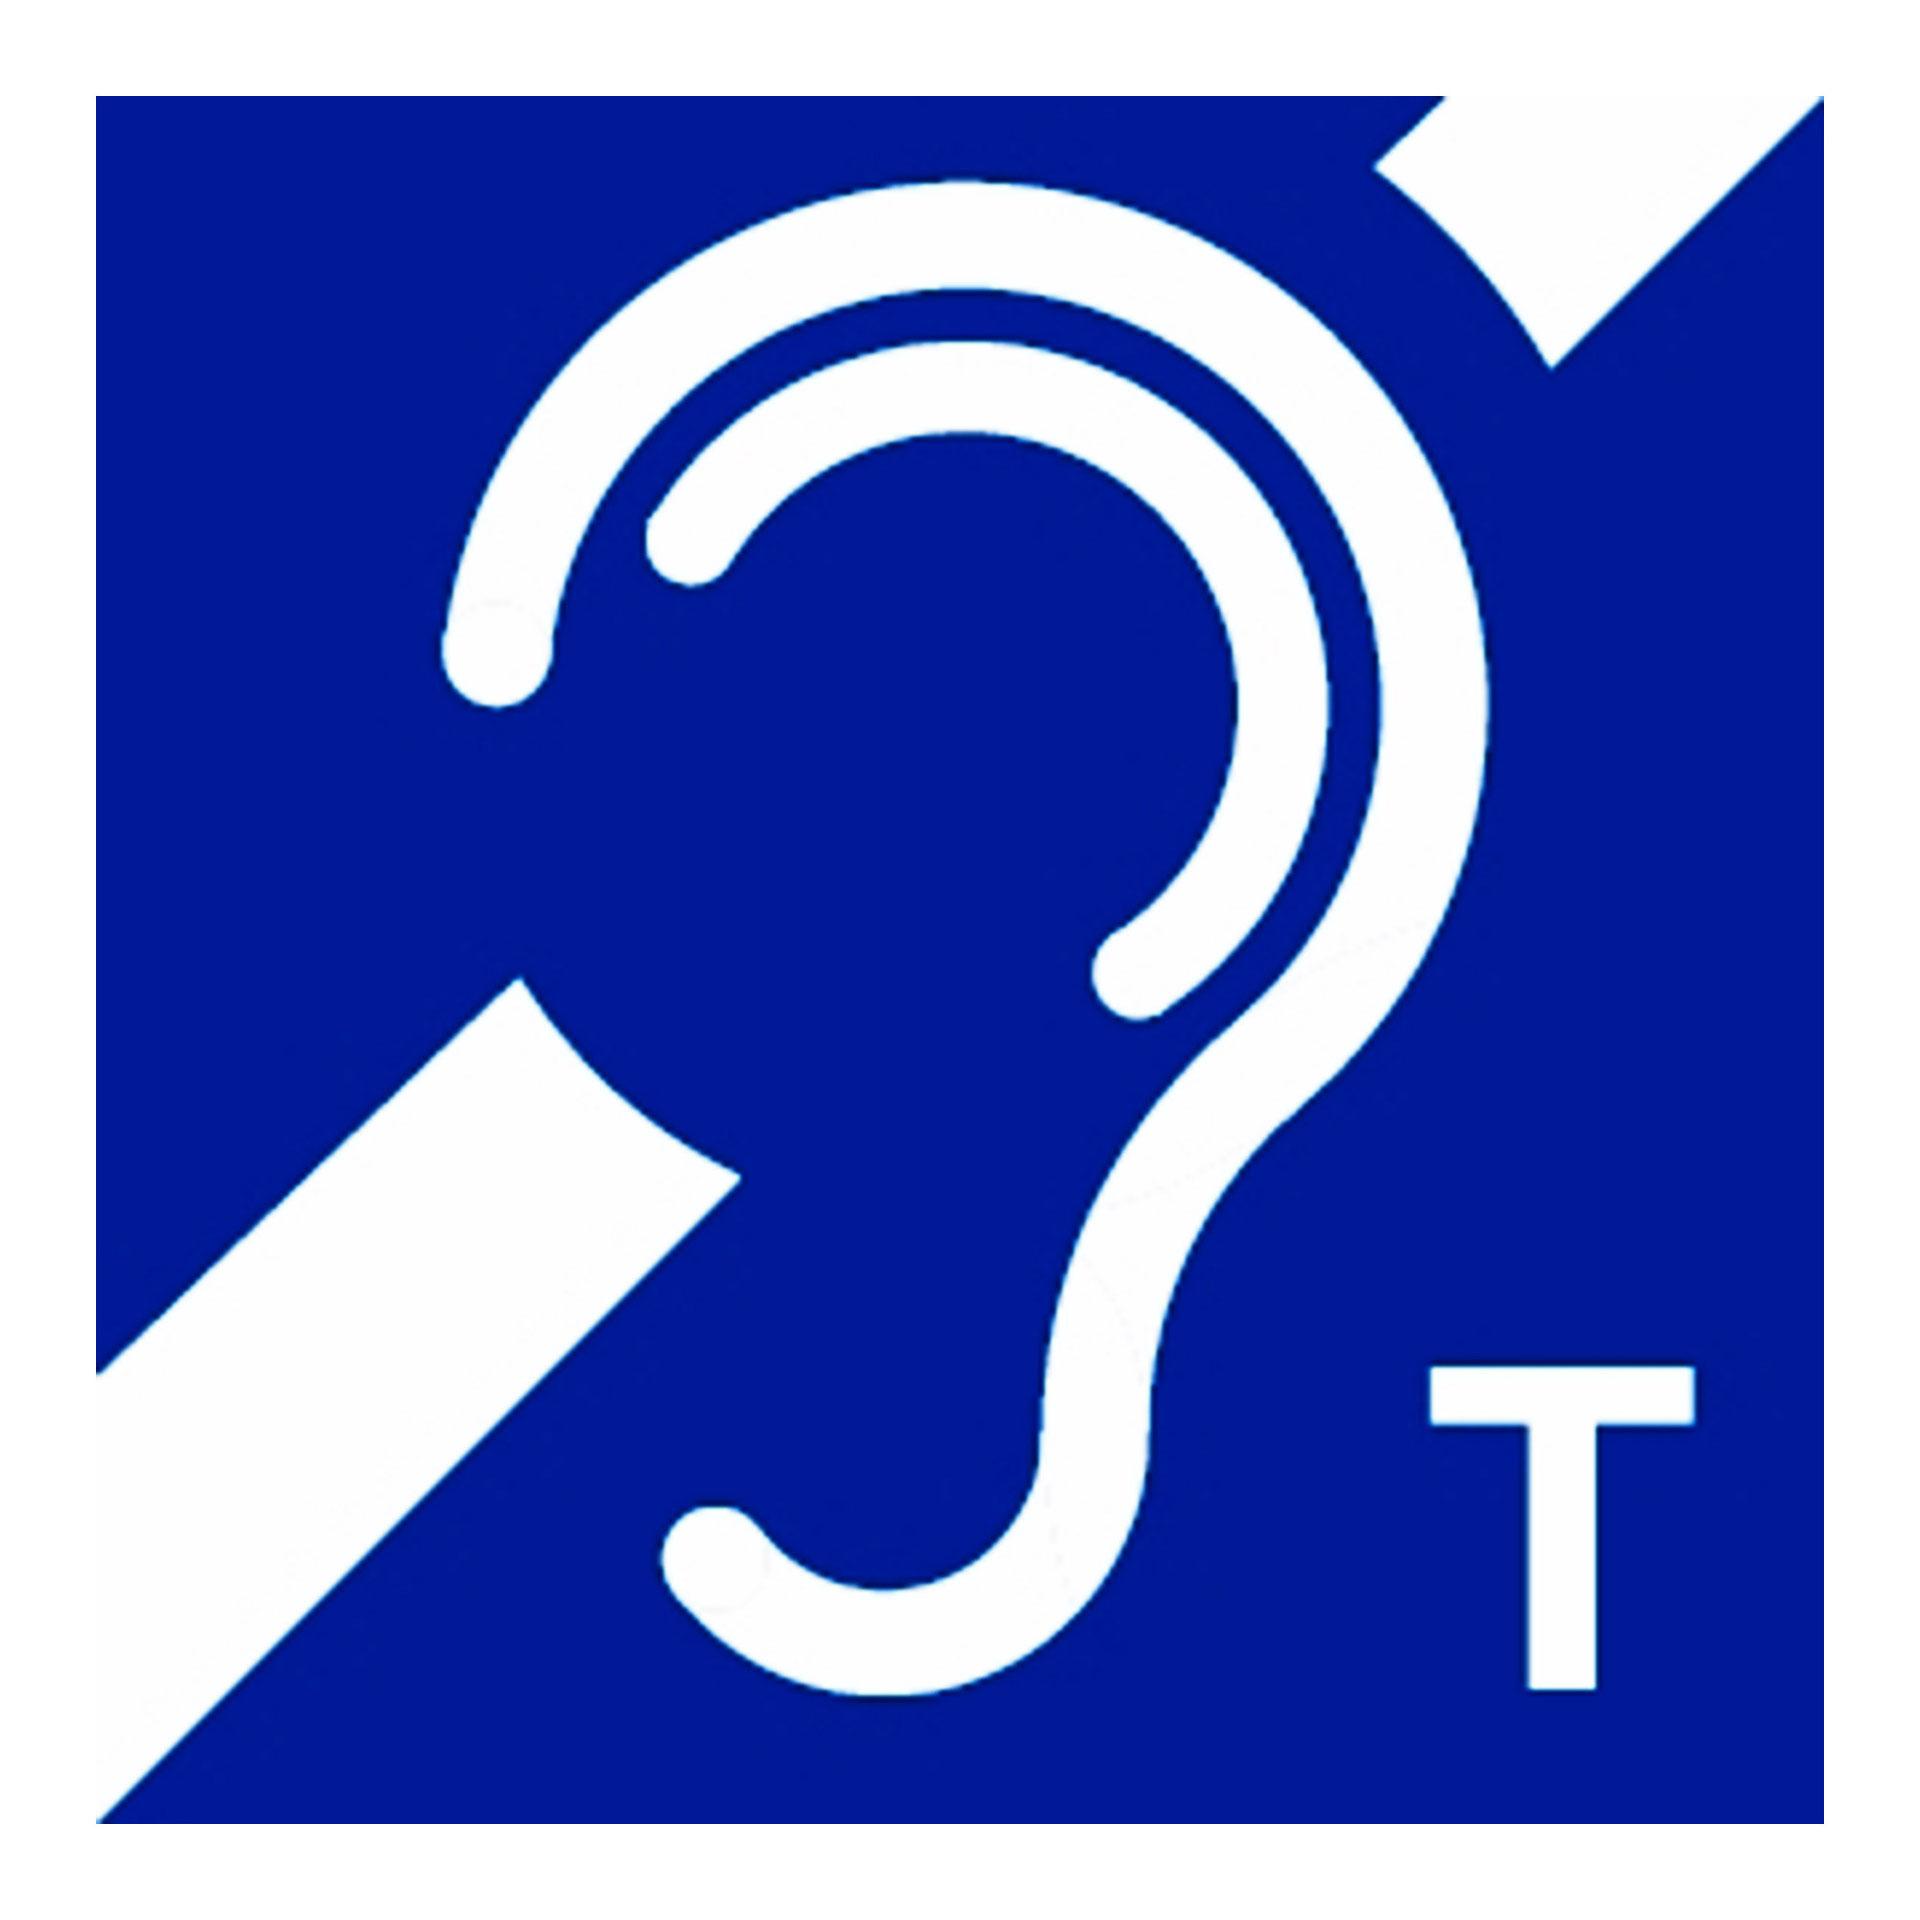 Symbol für induktive Höranlagen - induktive Höranlagen für Schwerhörige